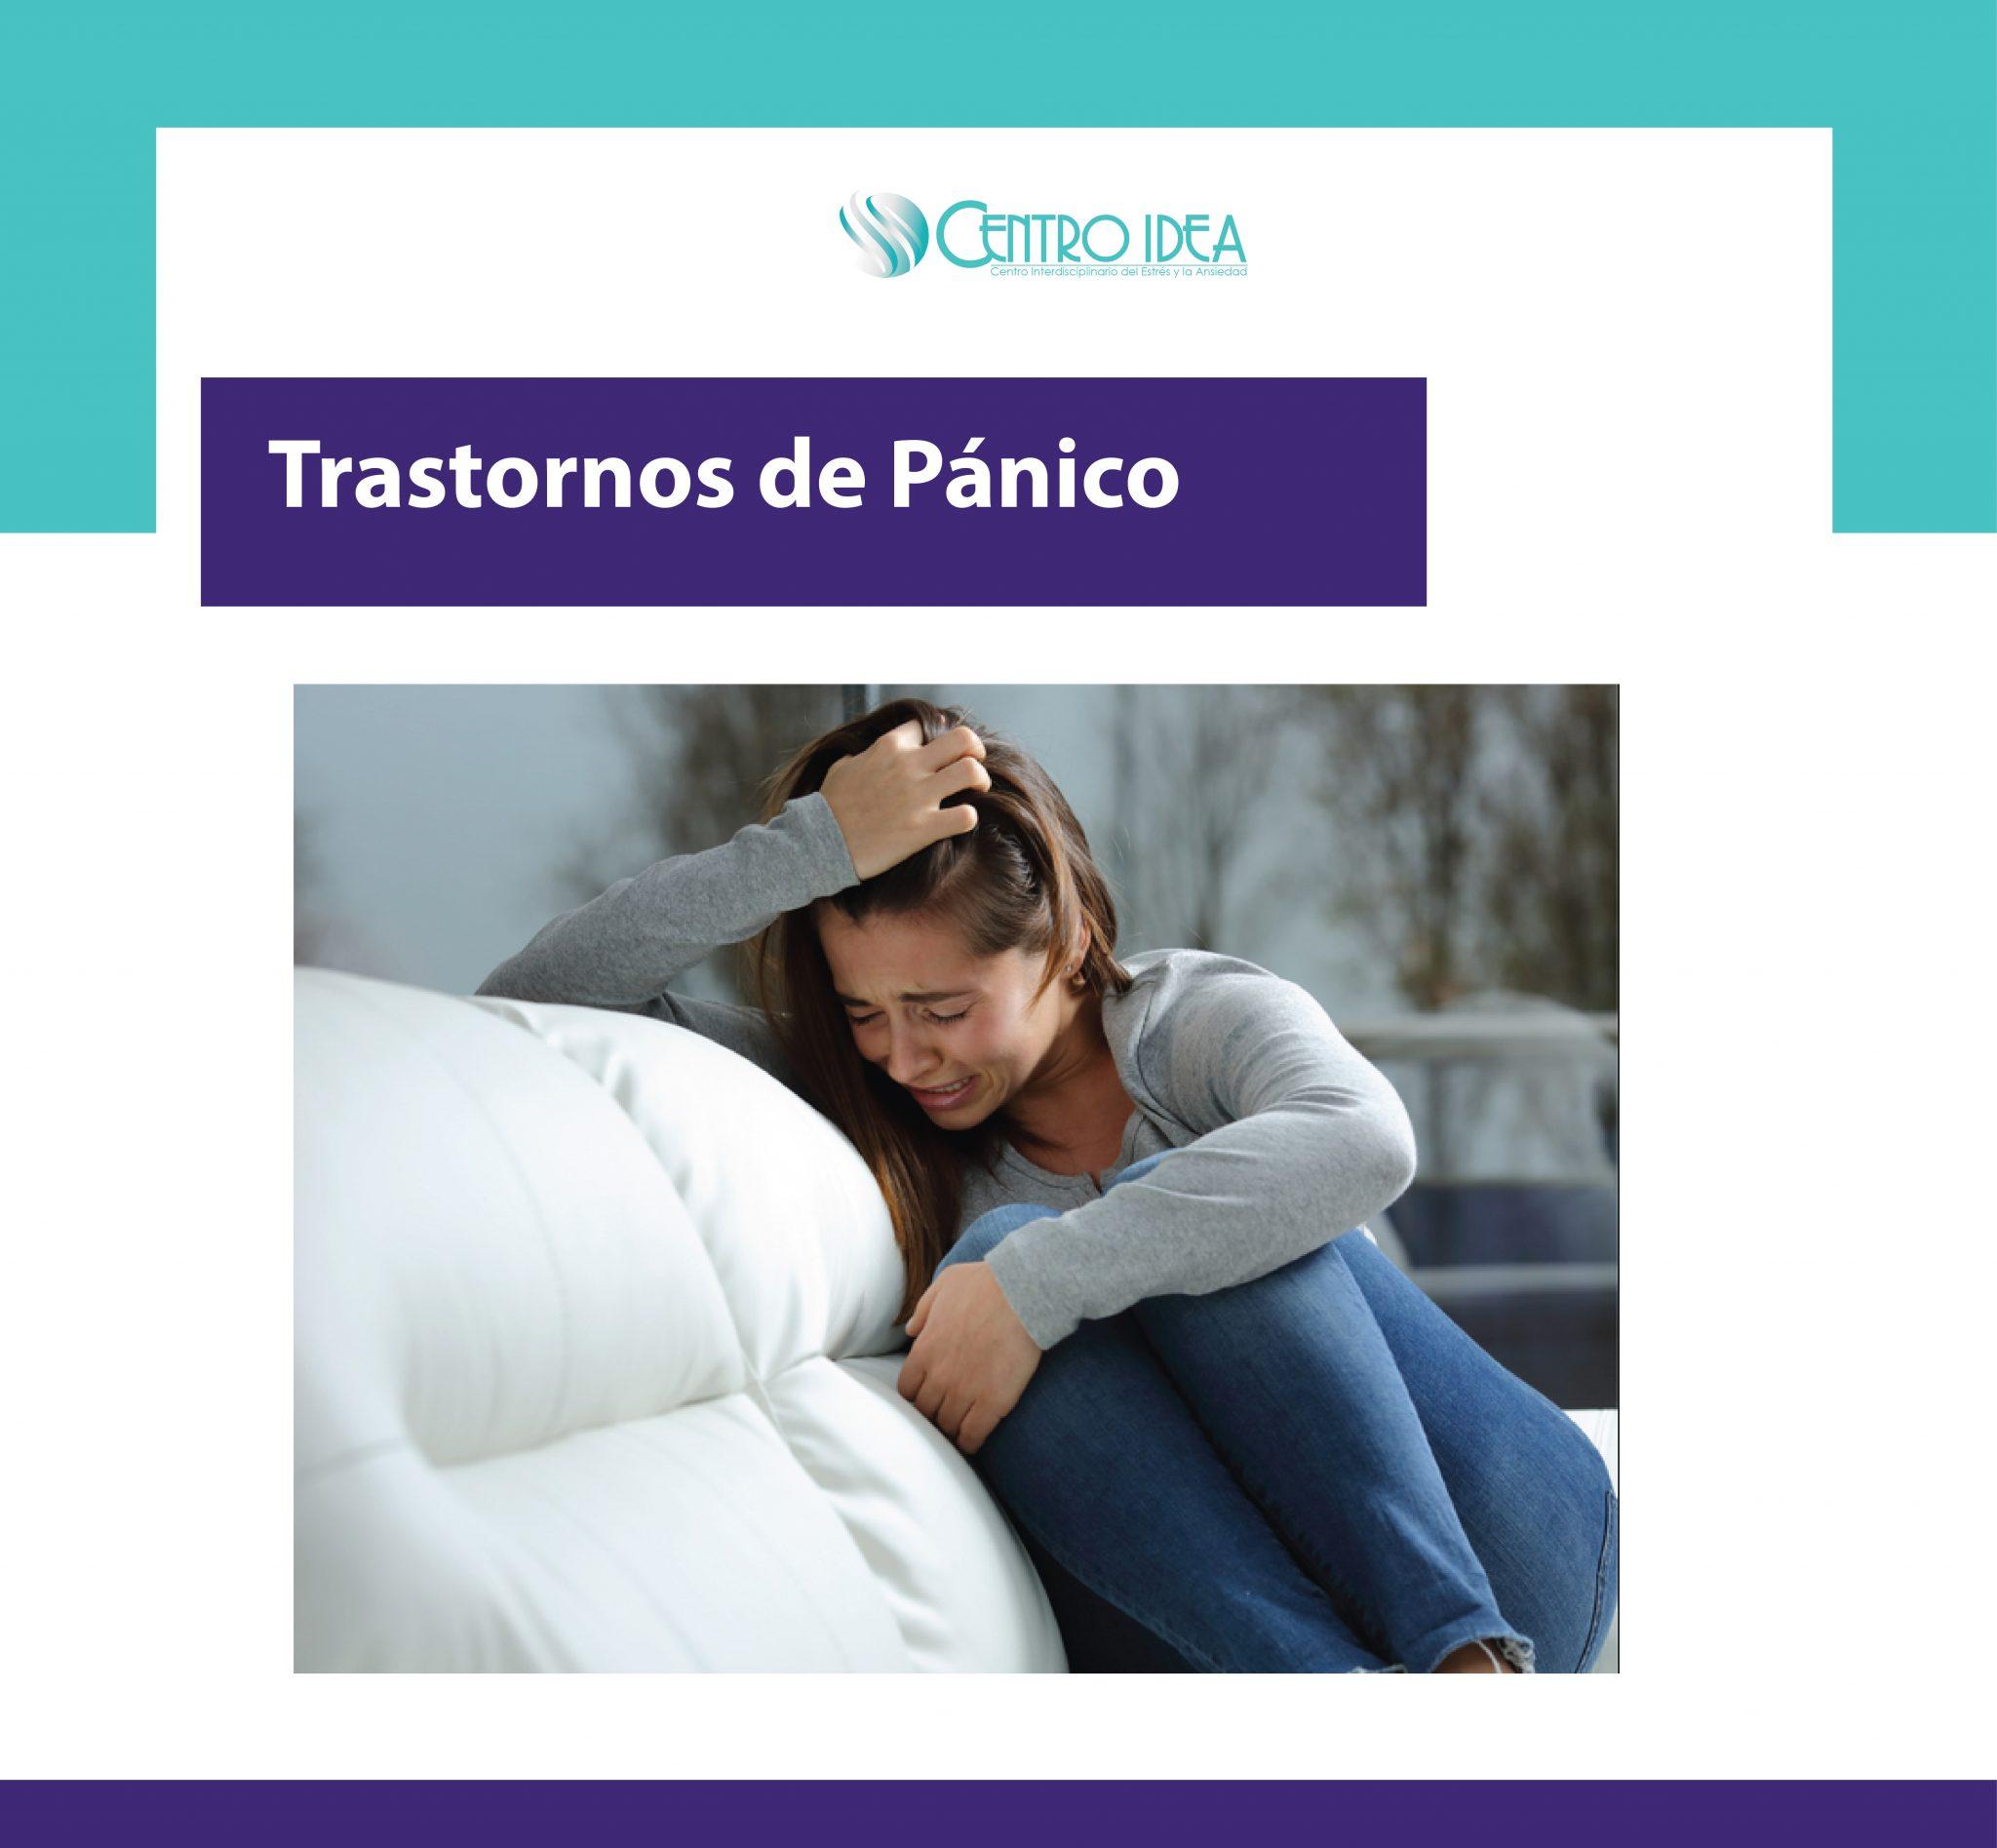 El trastorno de pánico